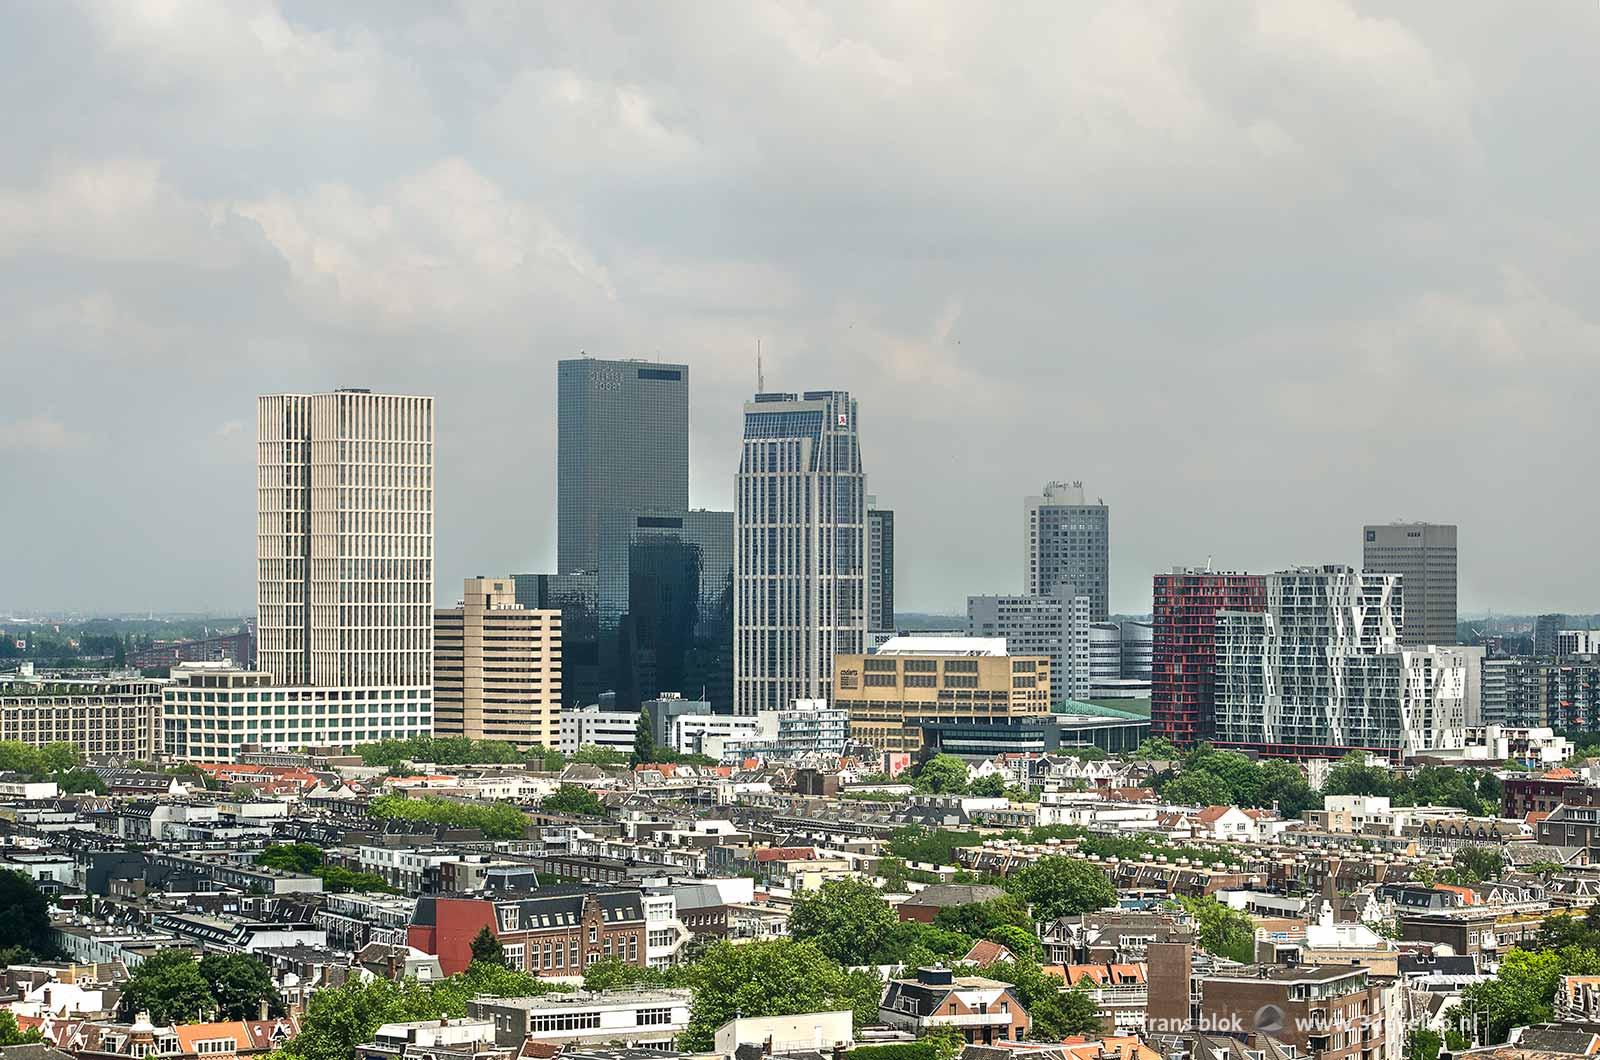 Uitzicht over het Oude Westen en de skyline van Rotterdam vanaf de voormalige GEB-toren tijdens de Rotterdamse Dakendagen 2018